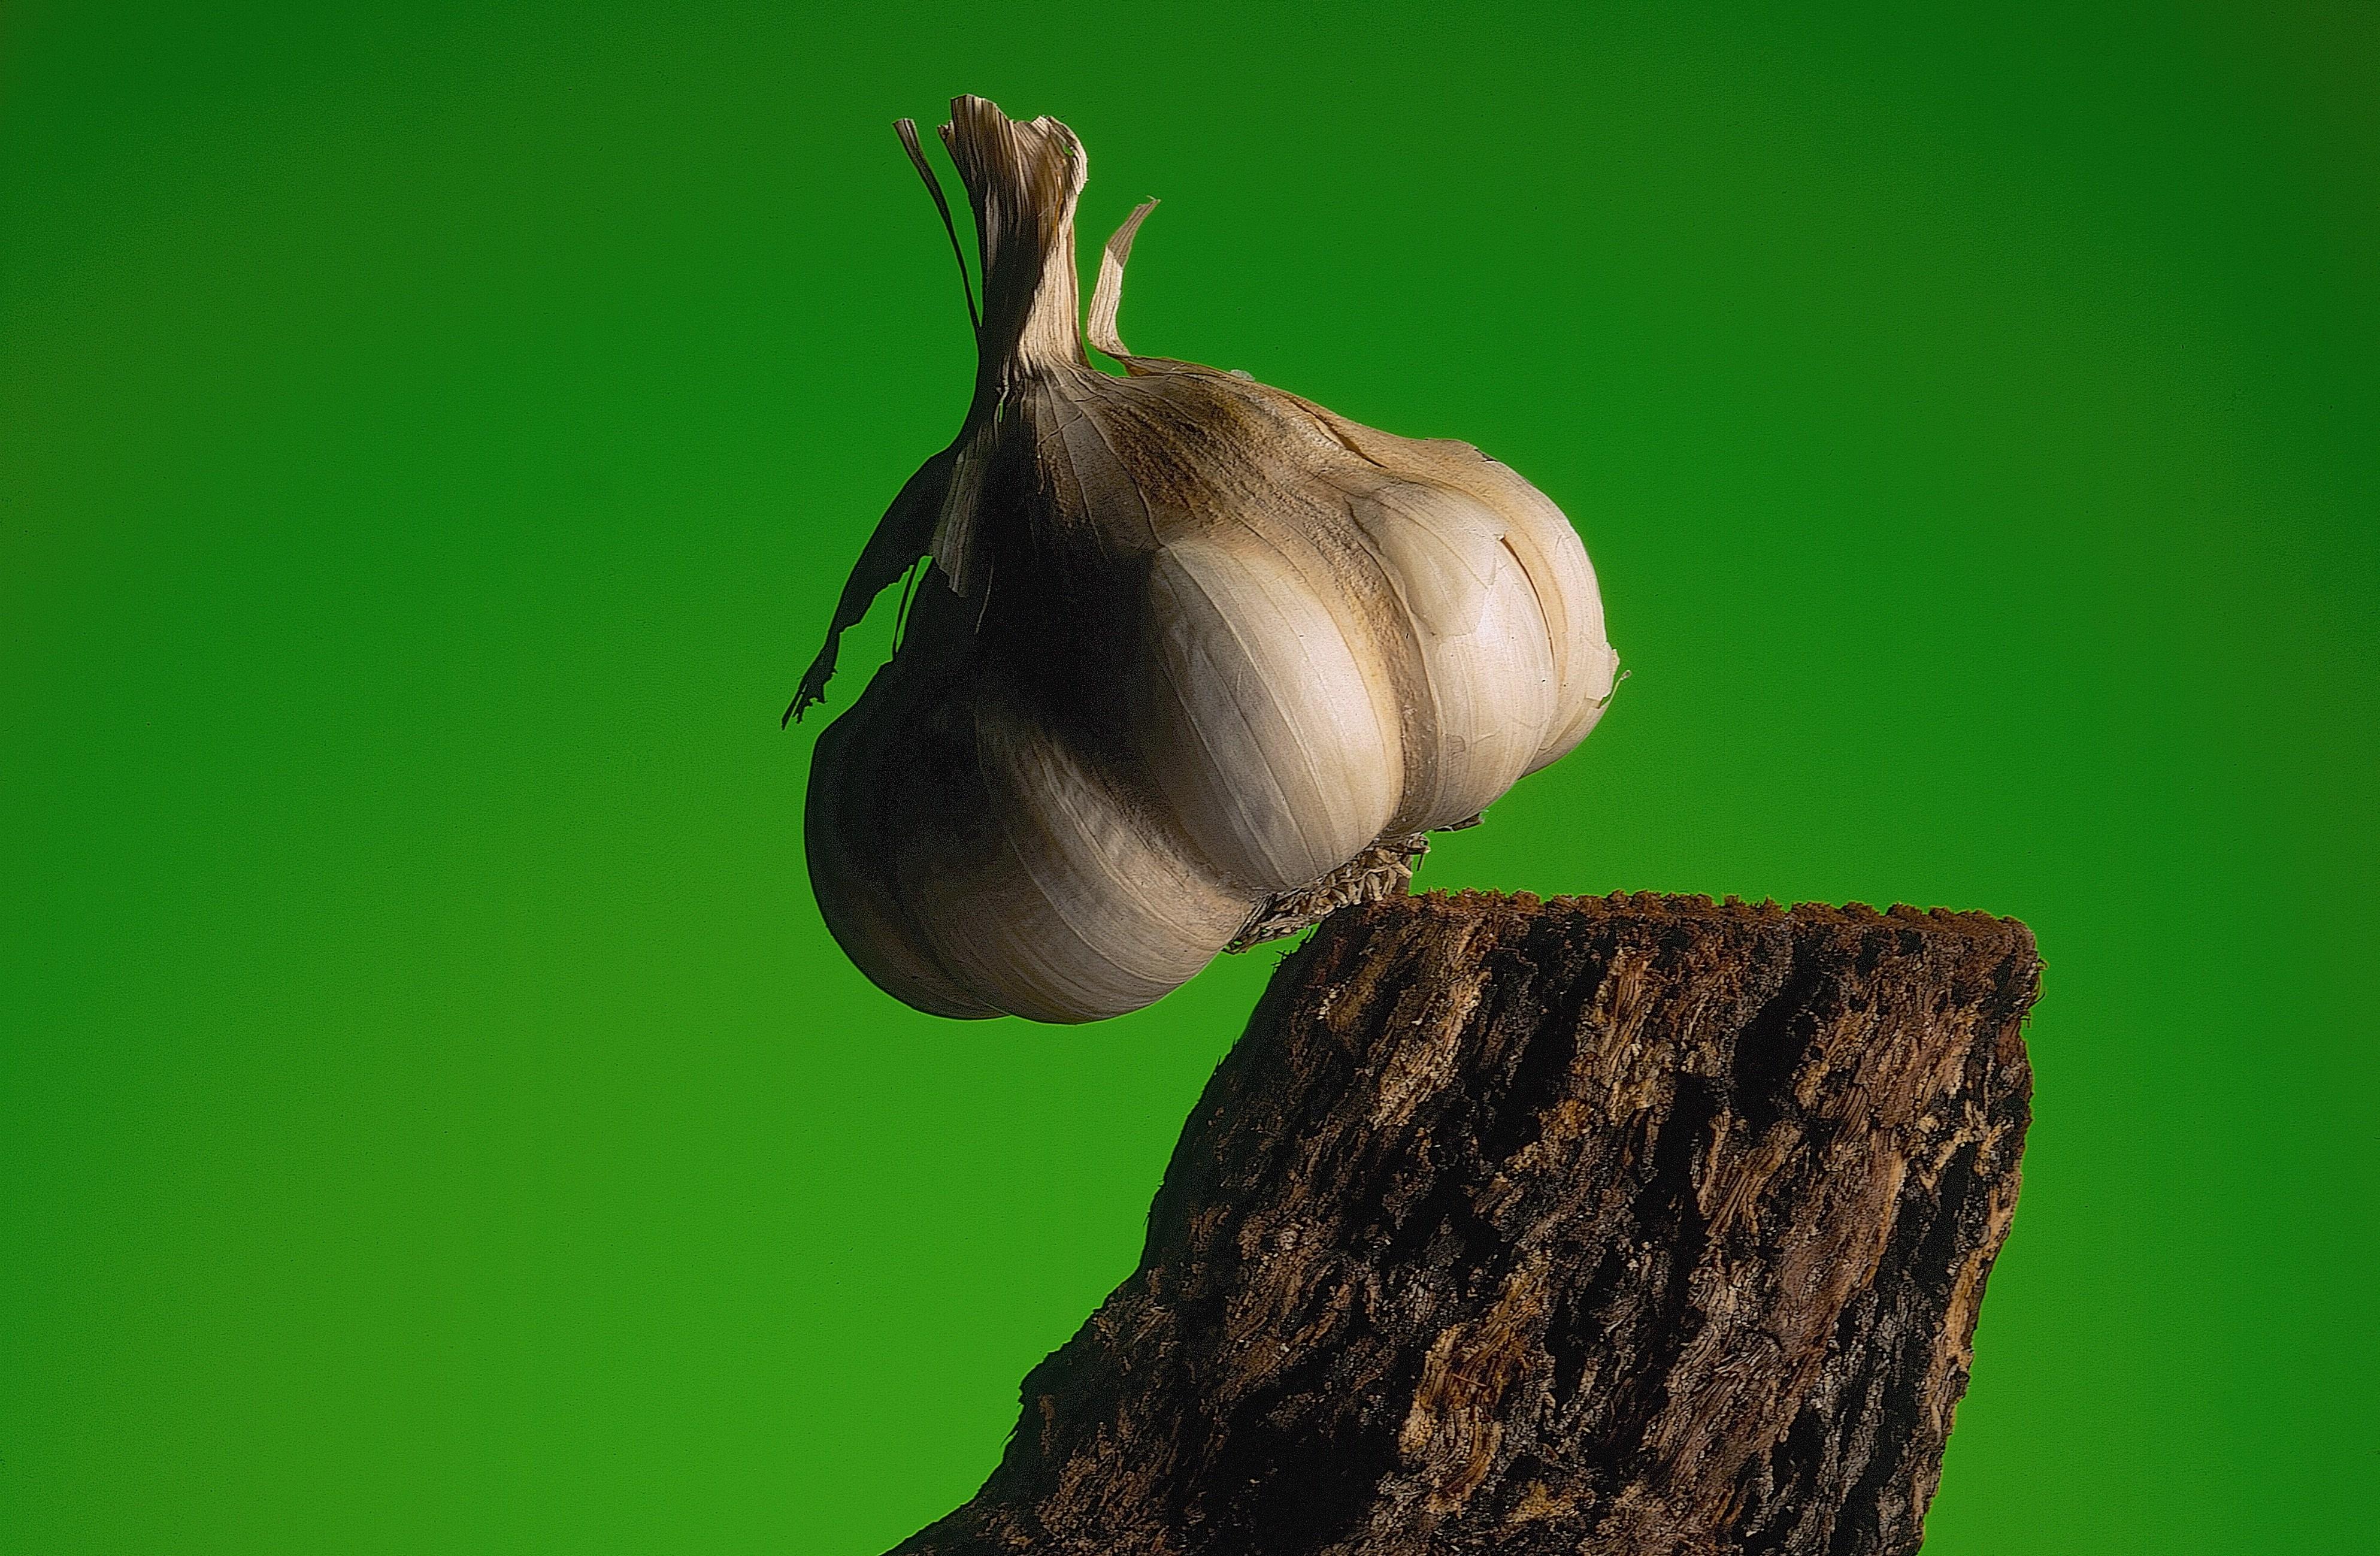 Mangiare aglio crudo diminuisce il rischio di tumore ai polmoni